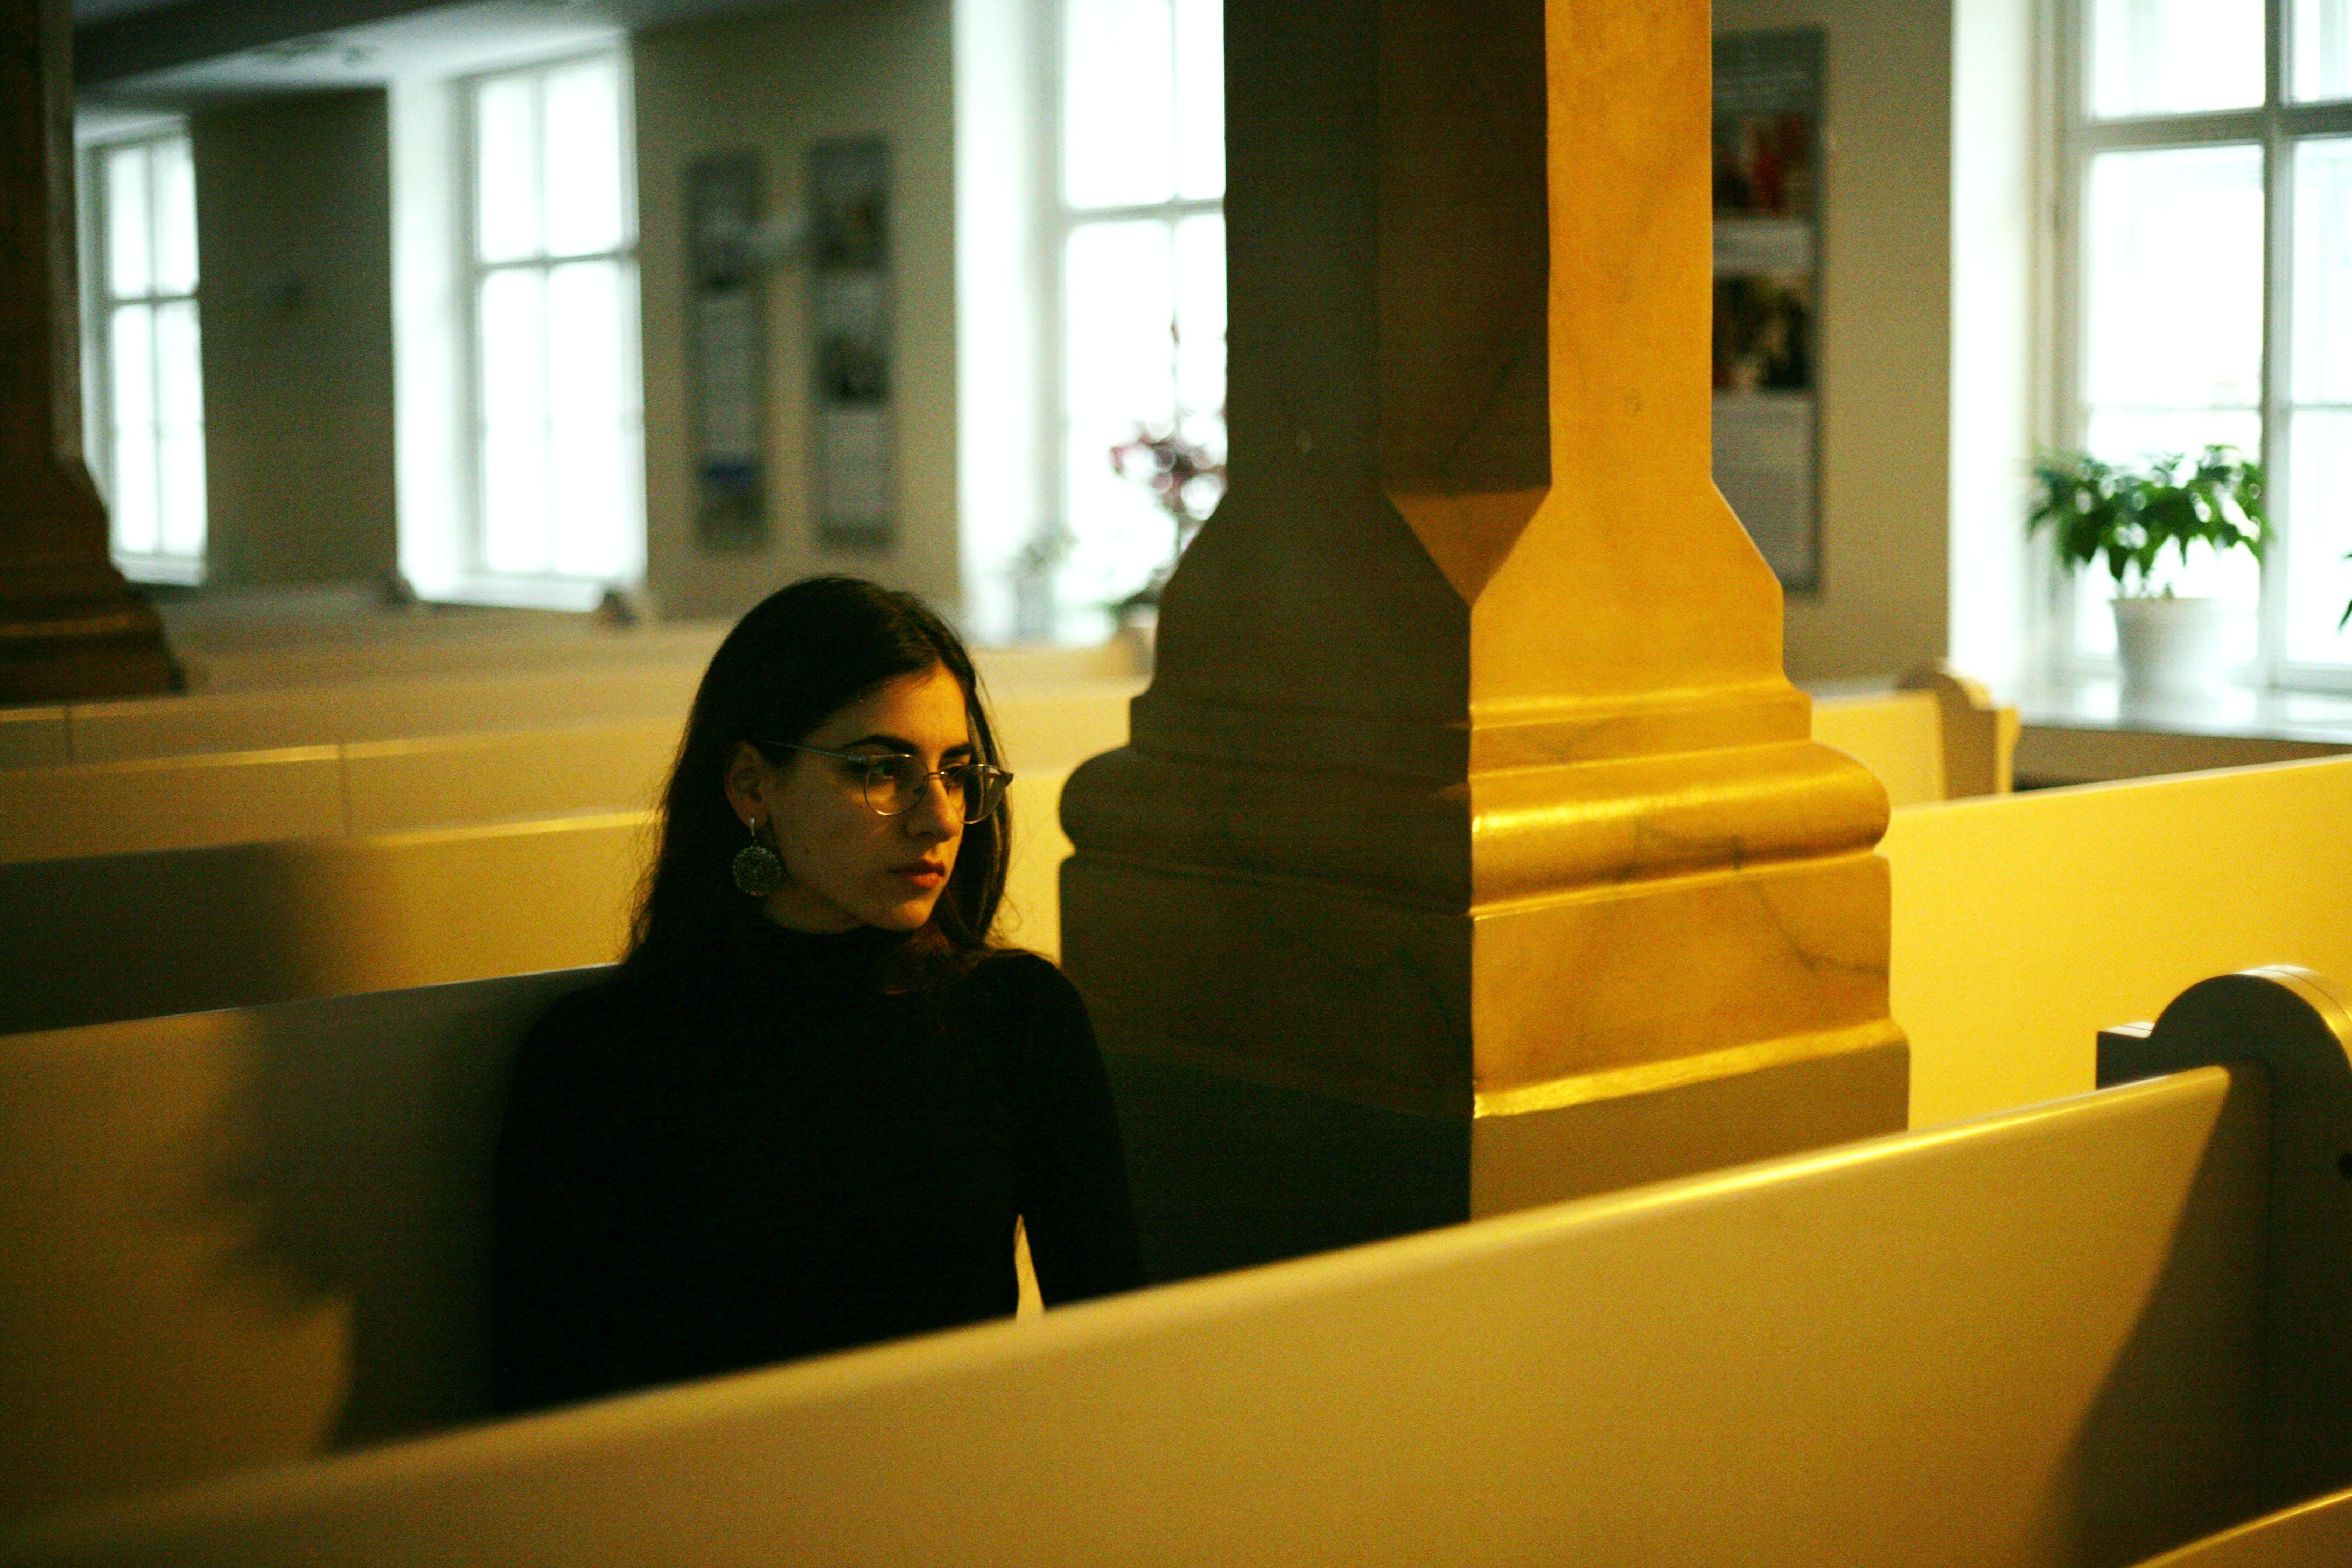 Δωρεάν στοκ φωτογραφιών με άνθρωπος, γυναίκα, έδρα, εκκλησία